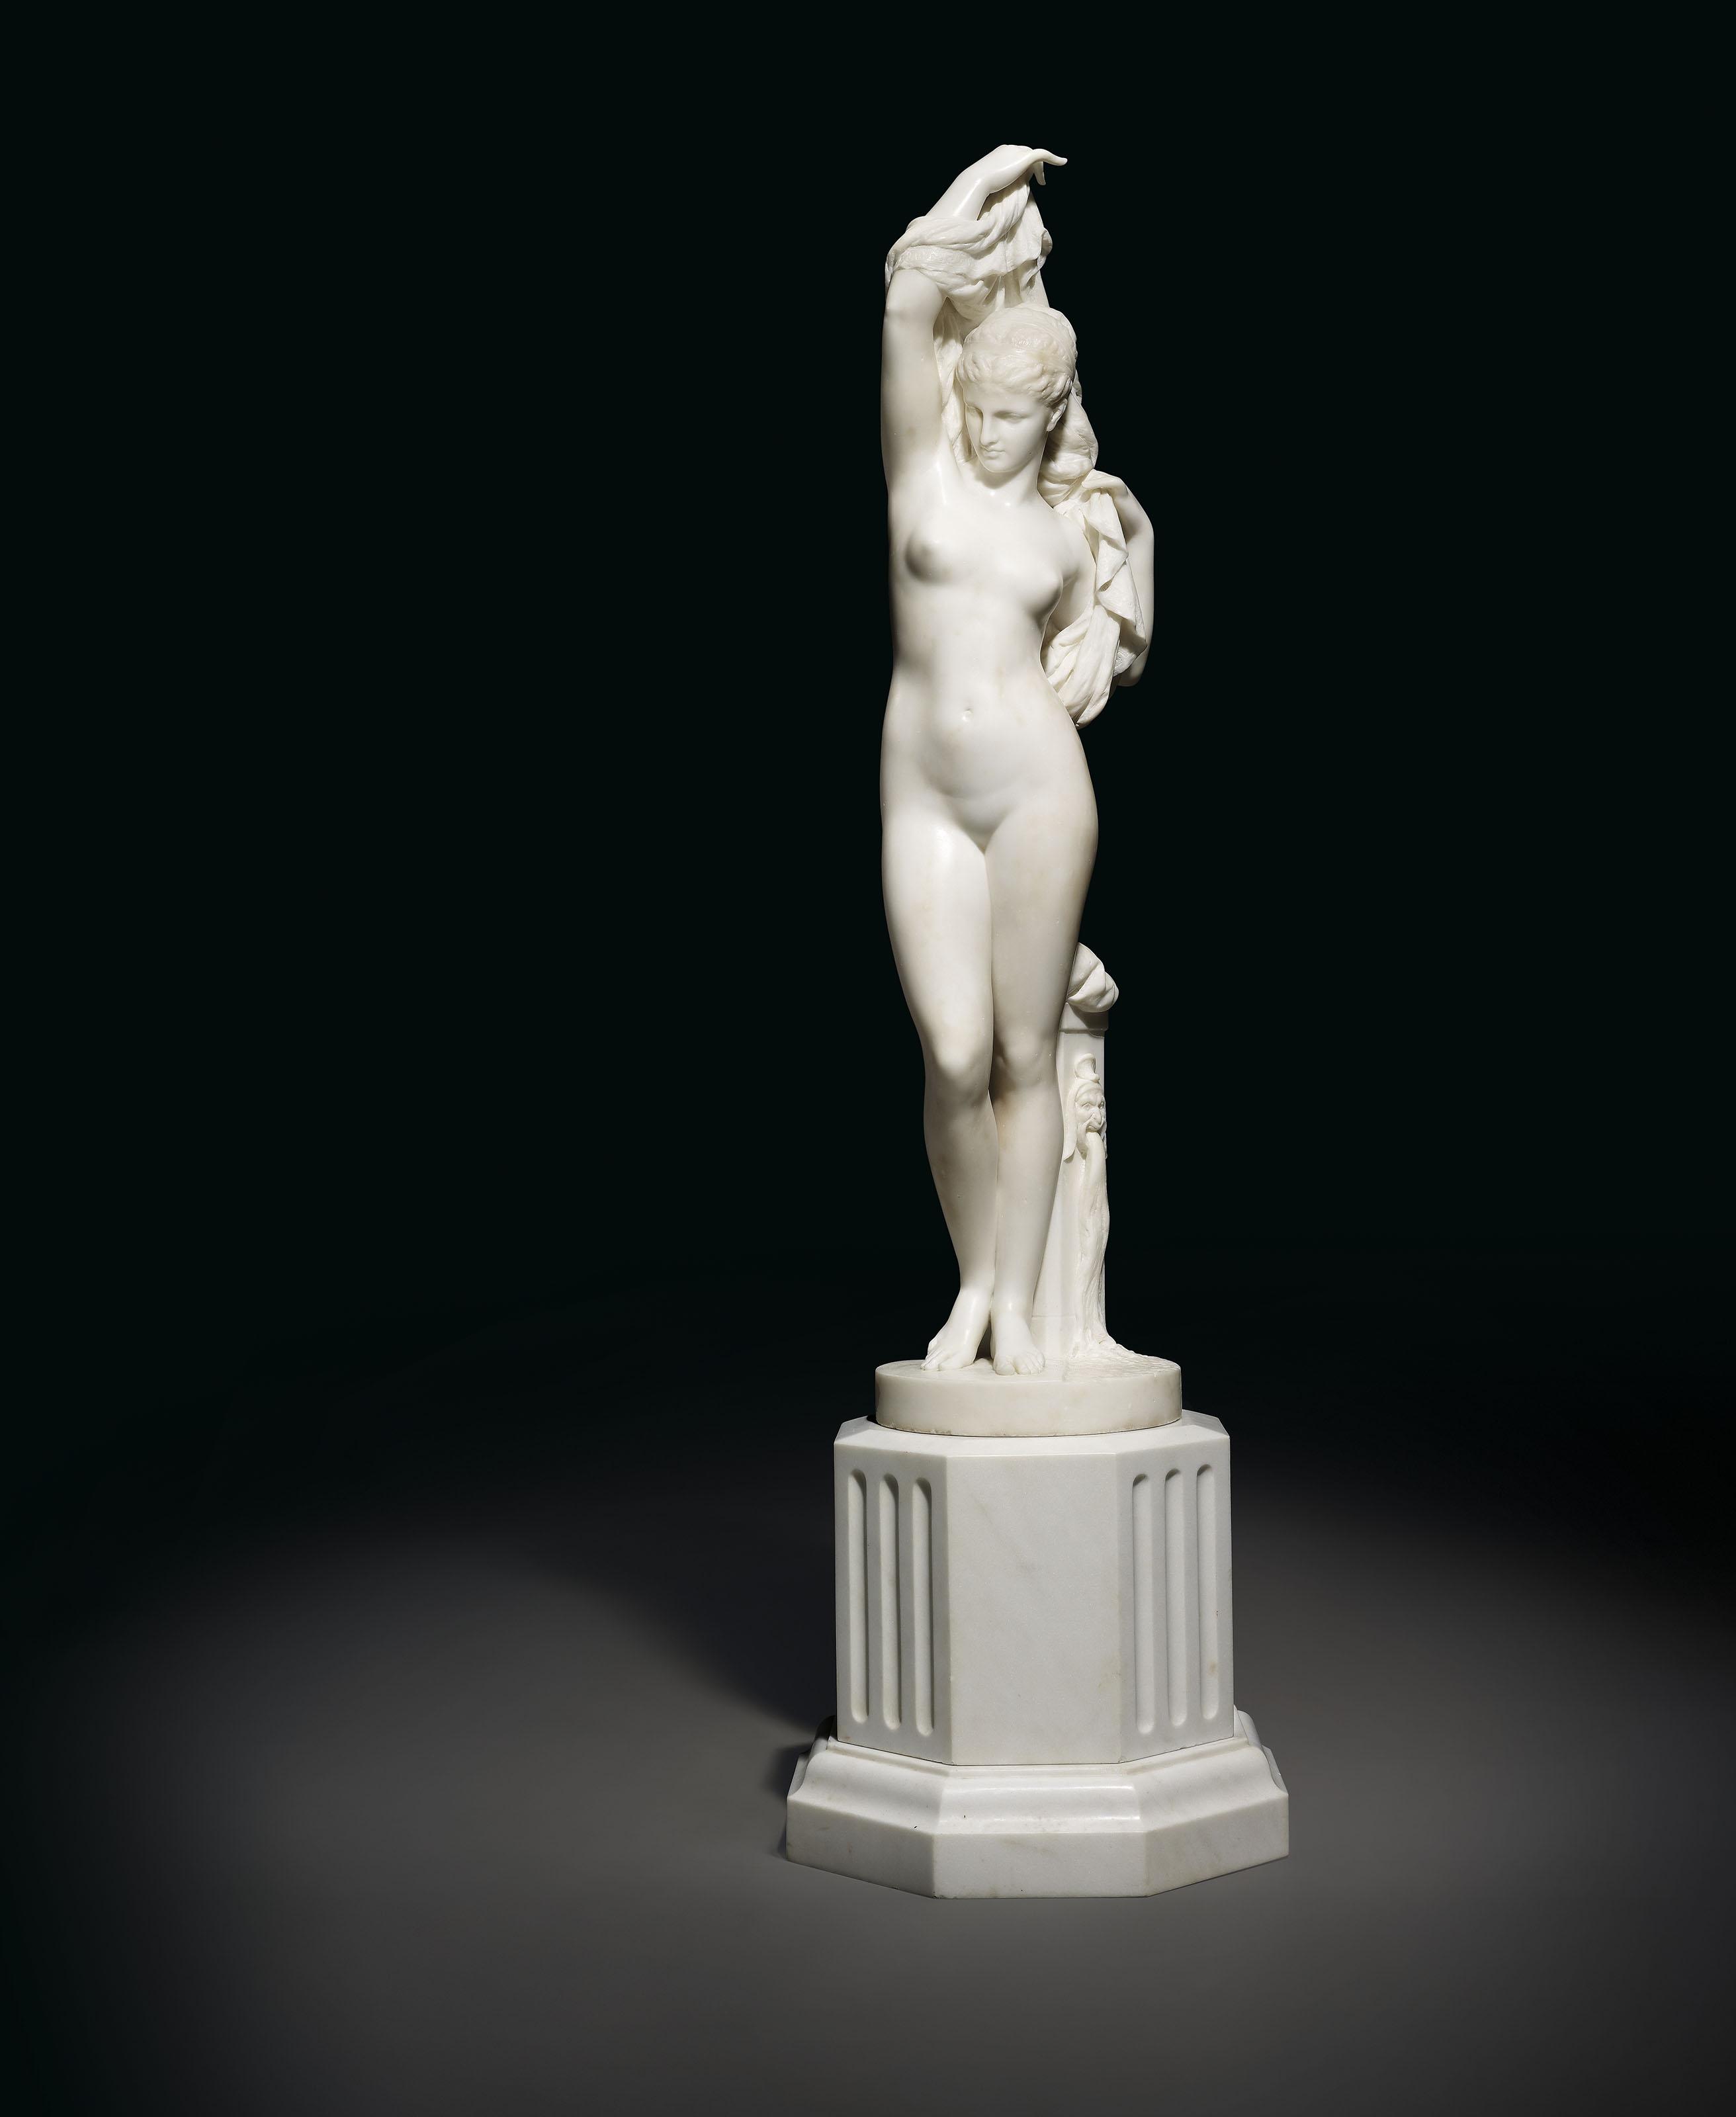 La baigneuse (The bather)